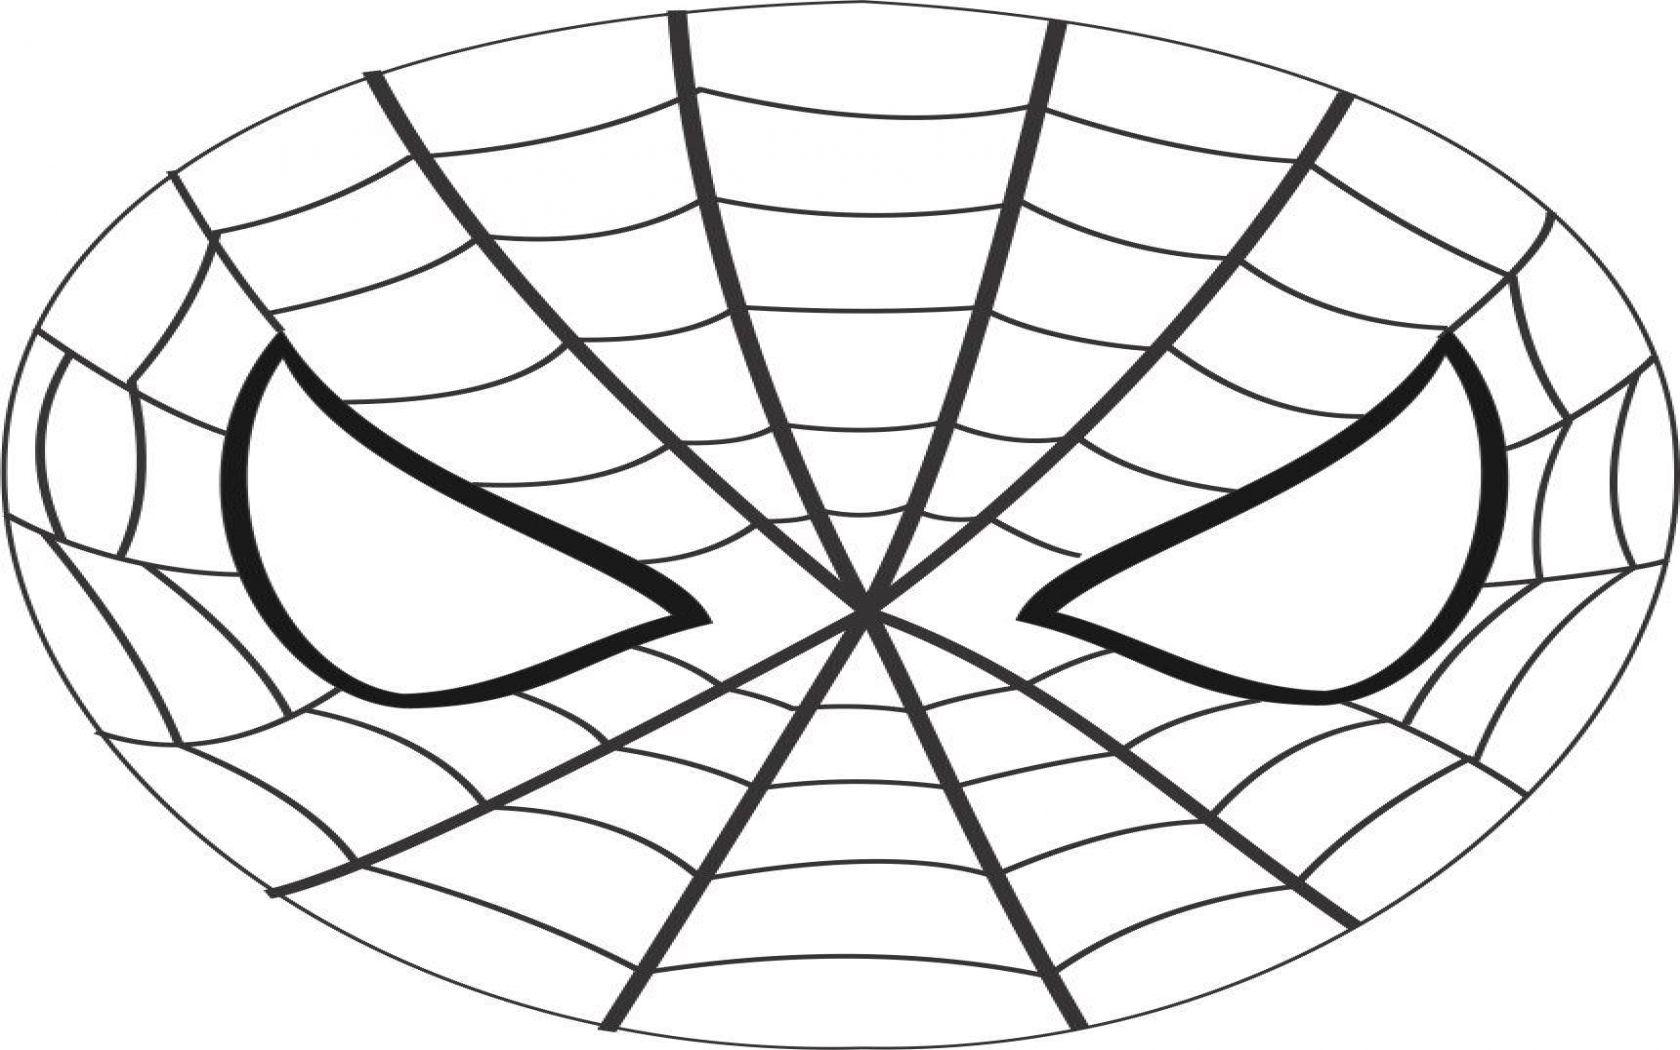 Masque de spiderman a imprimer masques d couper page - Masque spiderman a imprimer ...